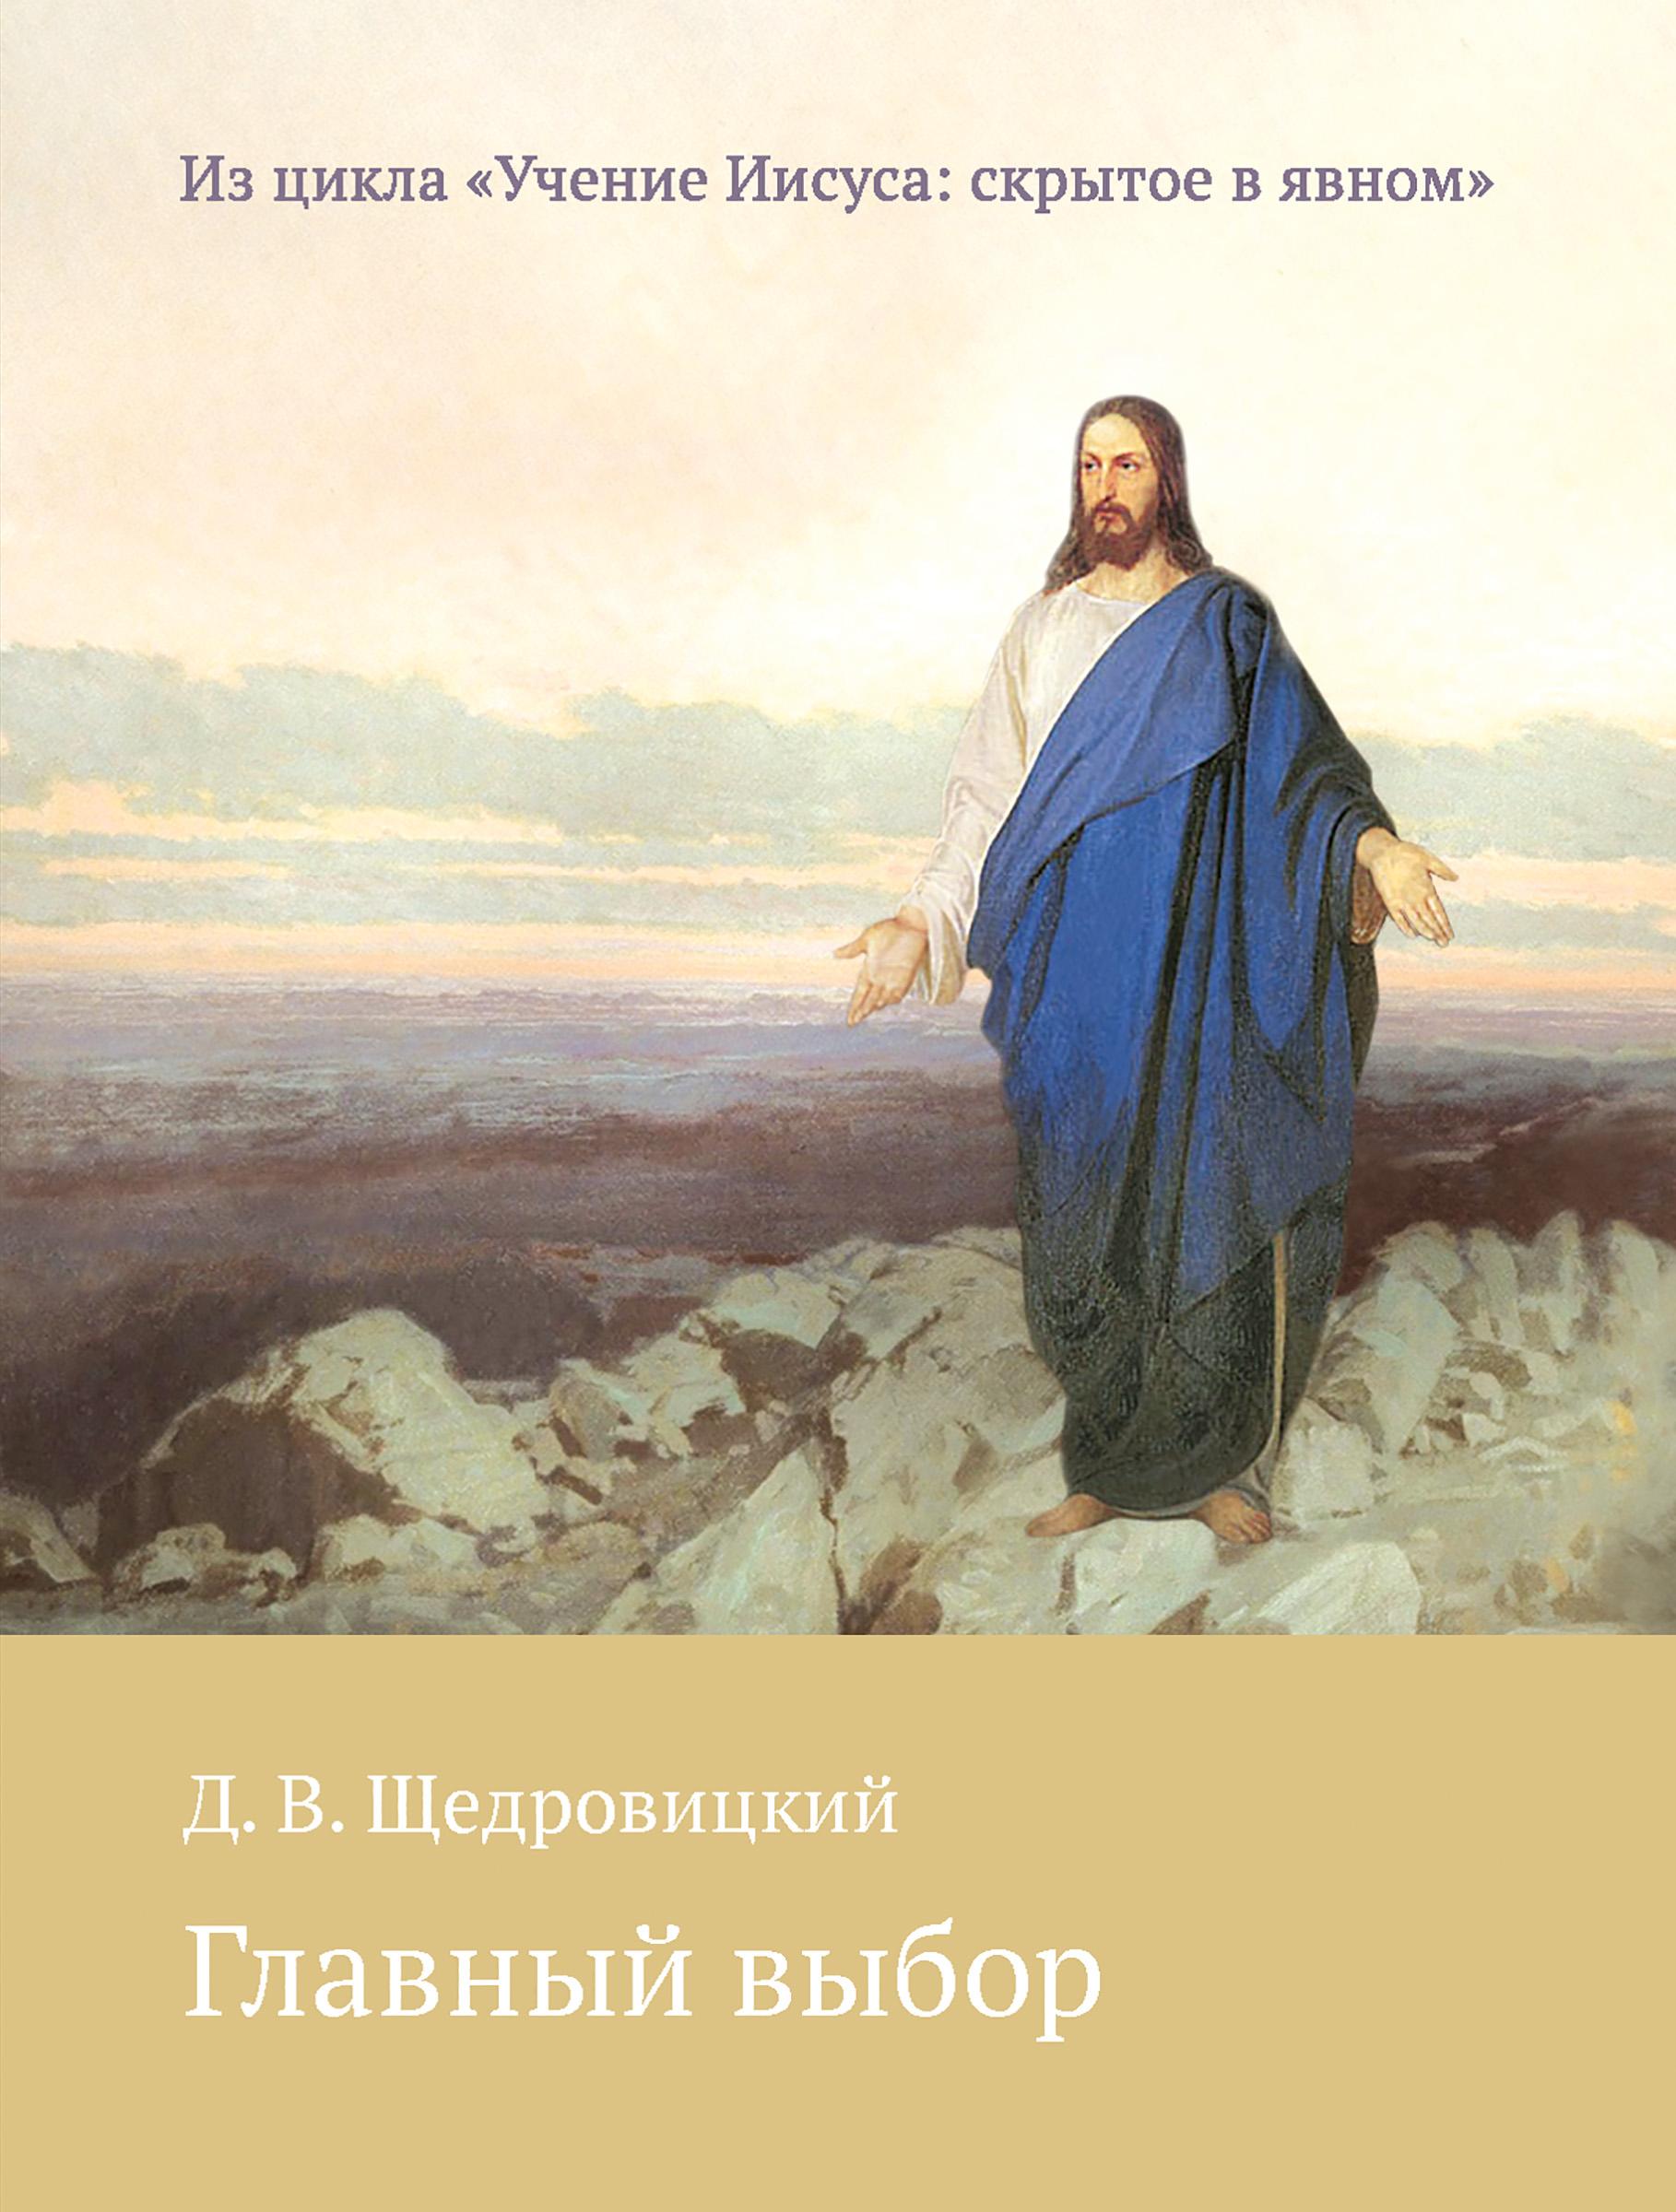 Главный выбор ( Дмитрий Щедровицкий  )